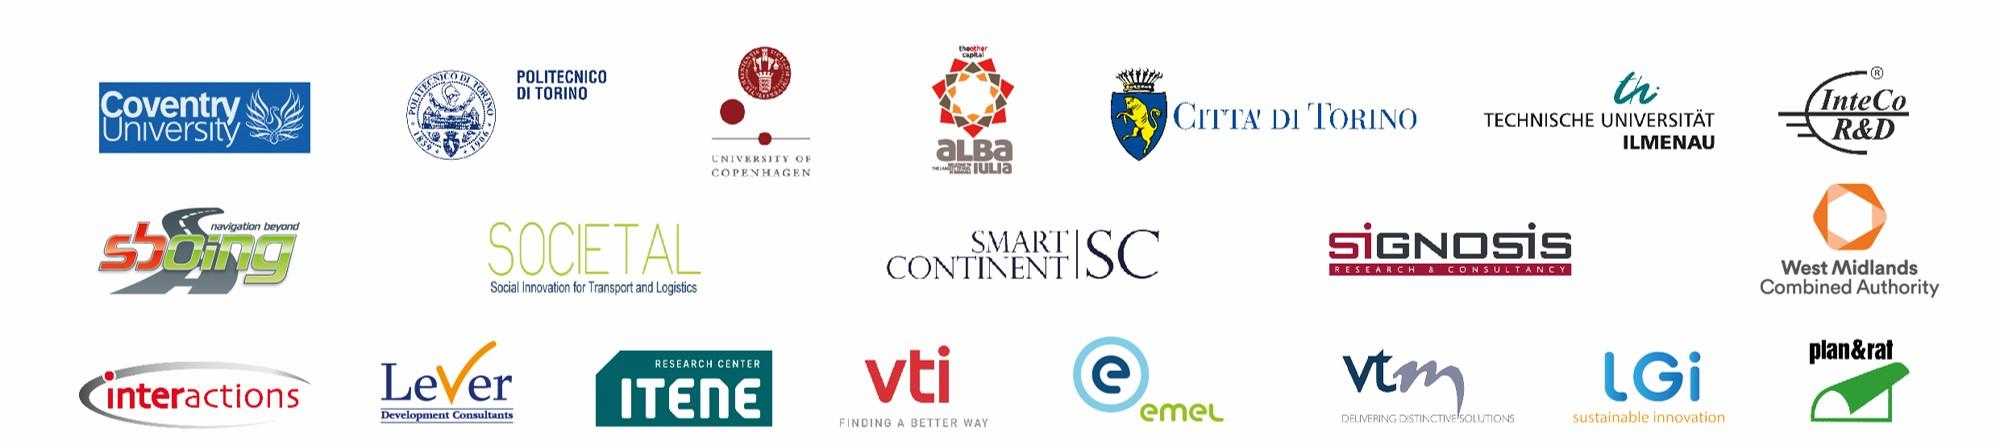 TInnGO partner logos